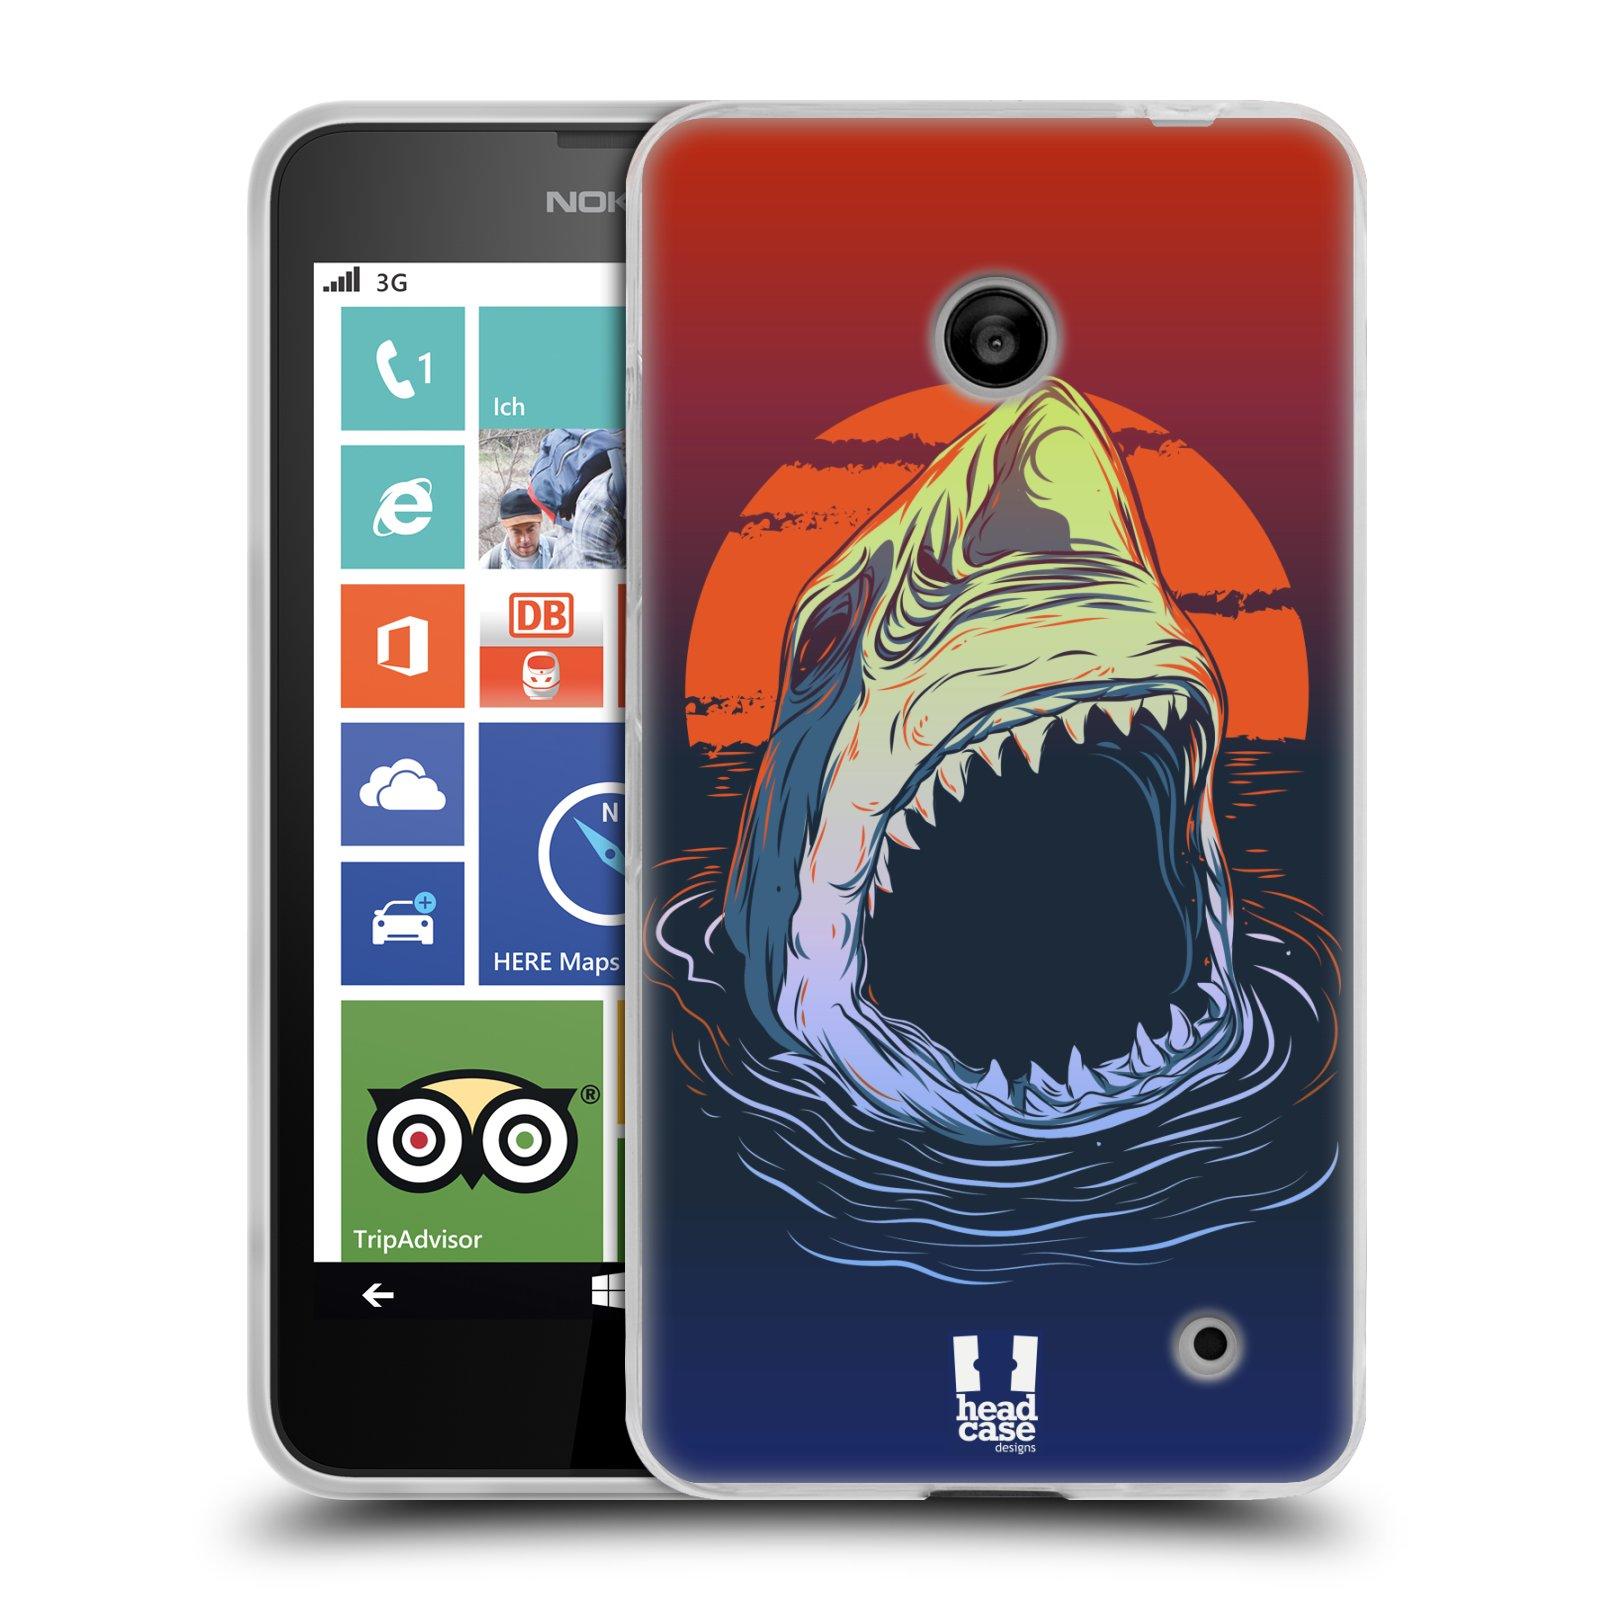 Silikonové pouzdro na mobil Nokia Lumia 630 HEAD CASE HLADOVÝ ŽRALOK (Silikonový kryt či obal na mobilní telefon Nokia Lumia 630 a Nokia Lumia 630 Dual SIM)